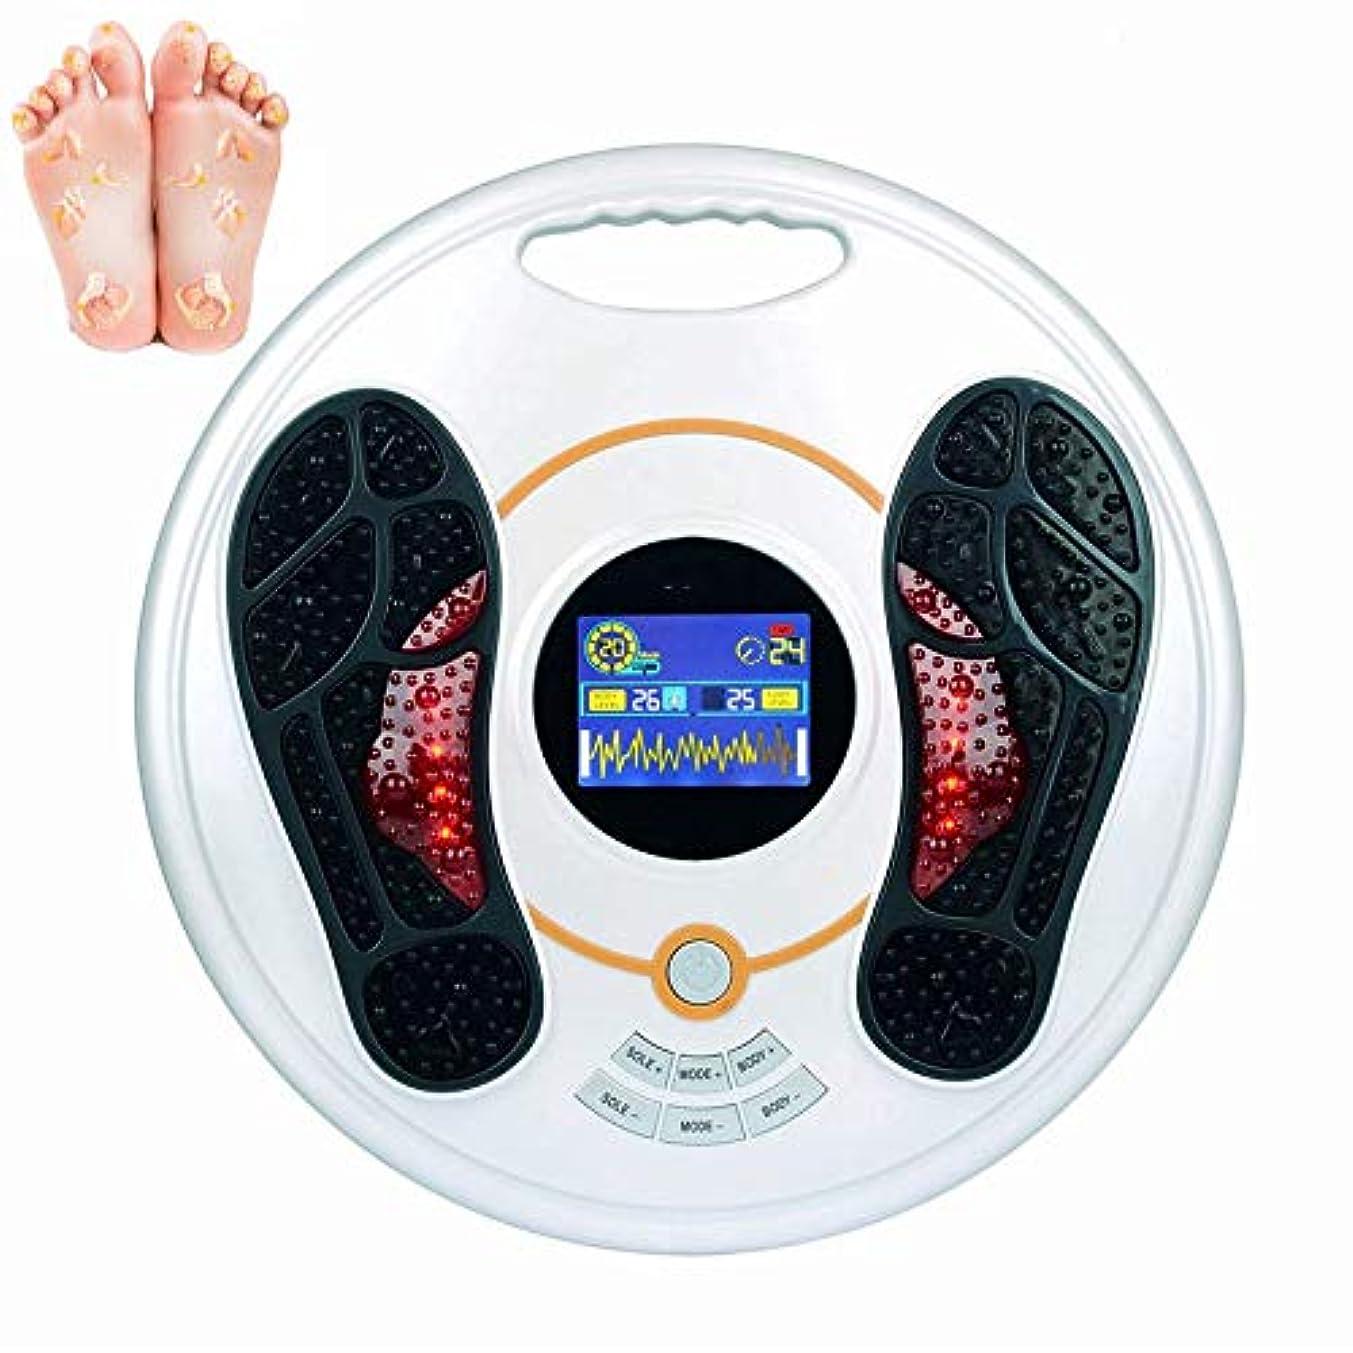 関数人形産地リモートコントロール指圧筋膜炎を伴う足循環刺激装置フットマッサージャーは、神経痛の血液循環を緩和します